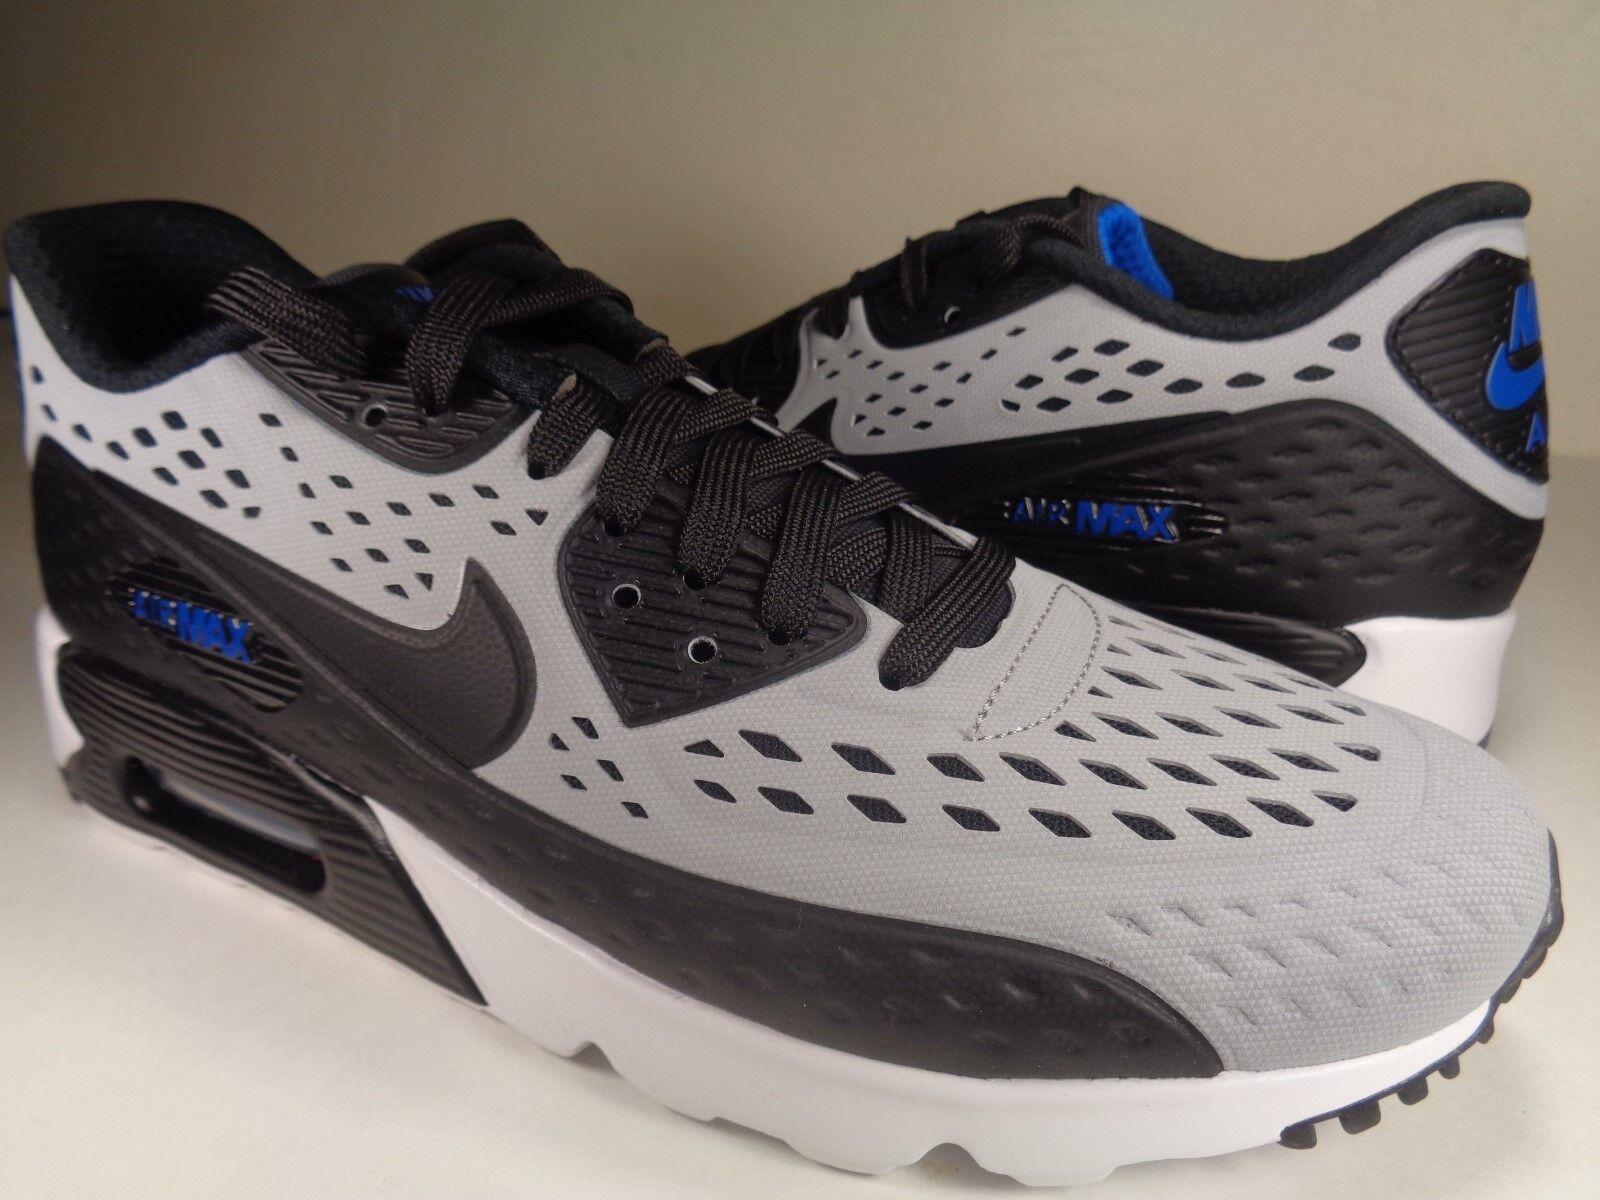 Nike Air Max 90 Ultra Breathe Gris  Noir blanc Bleu Very Rare SZ 9